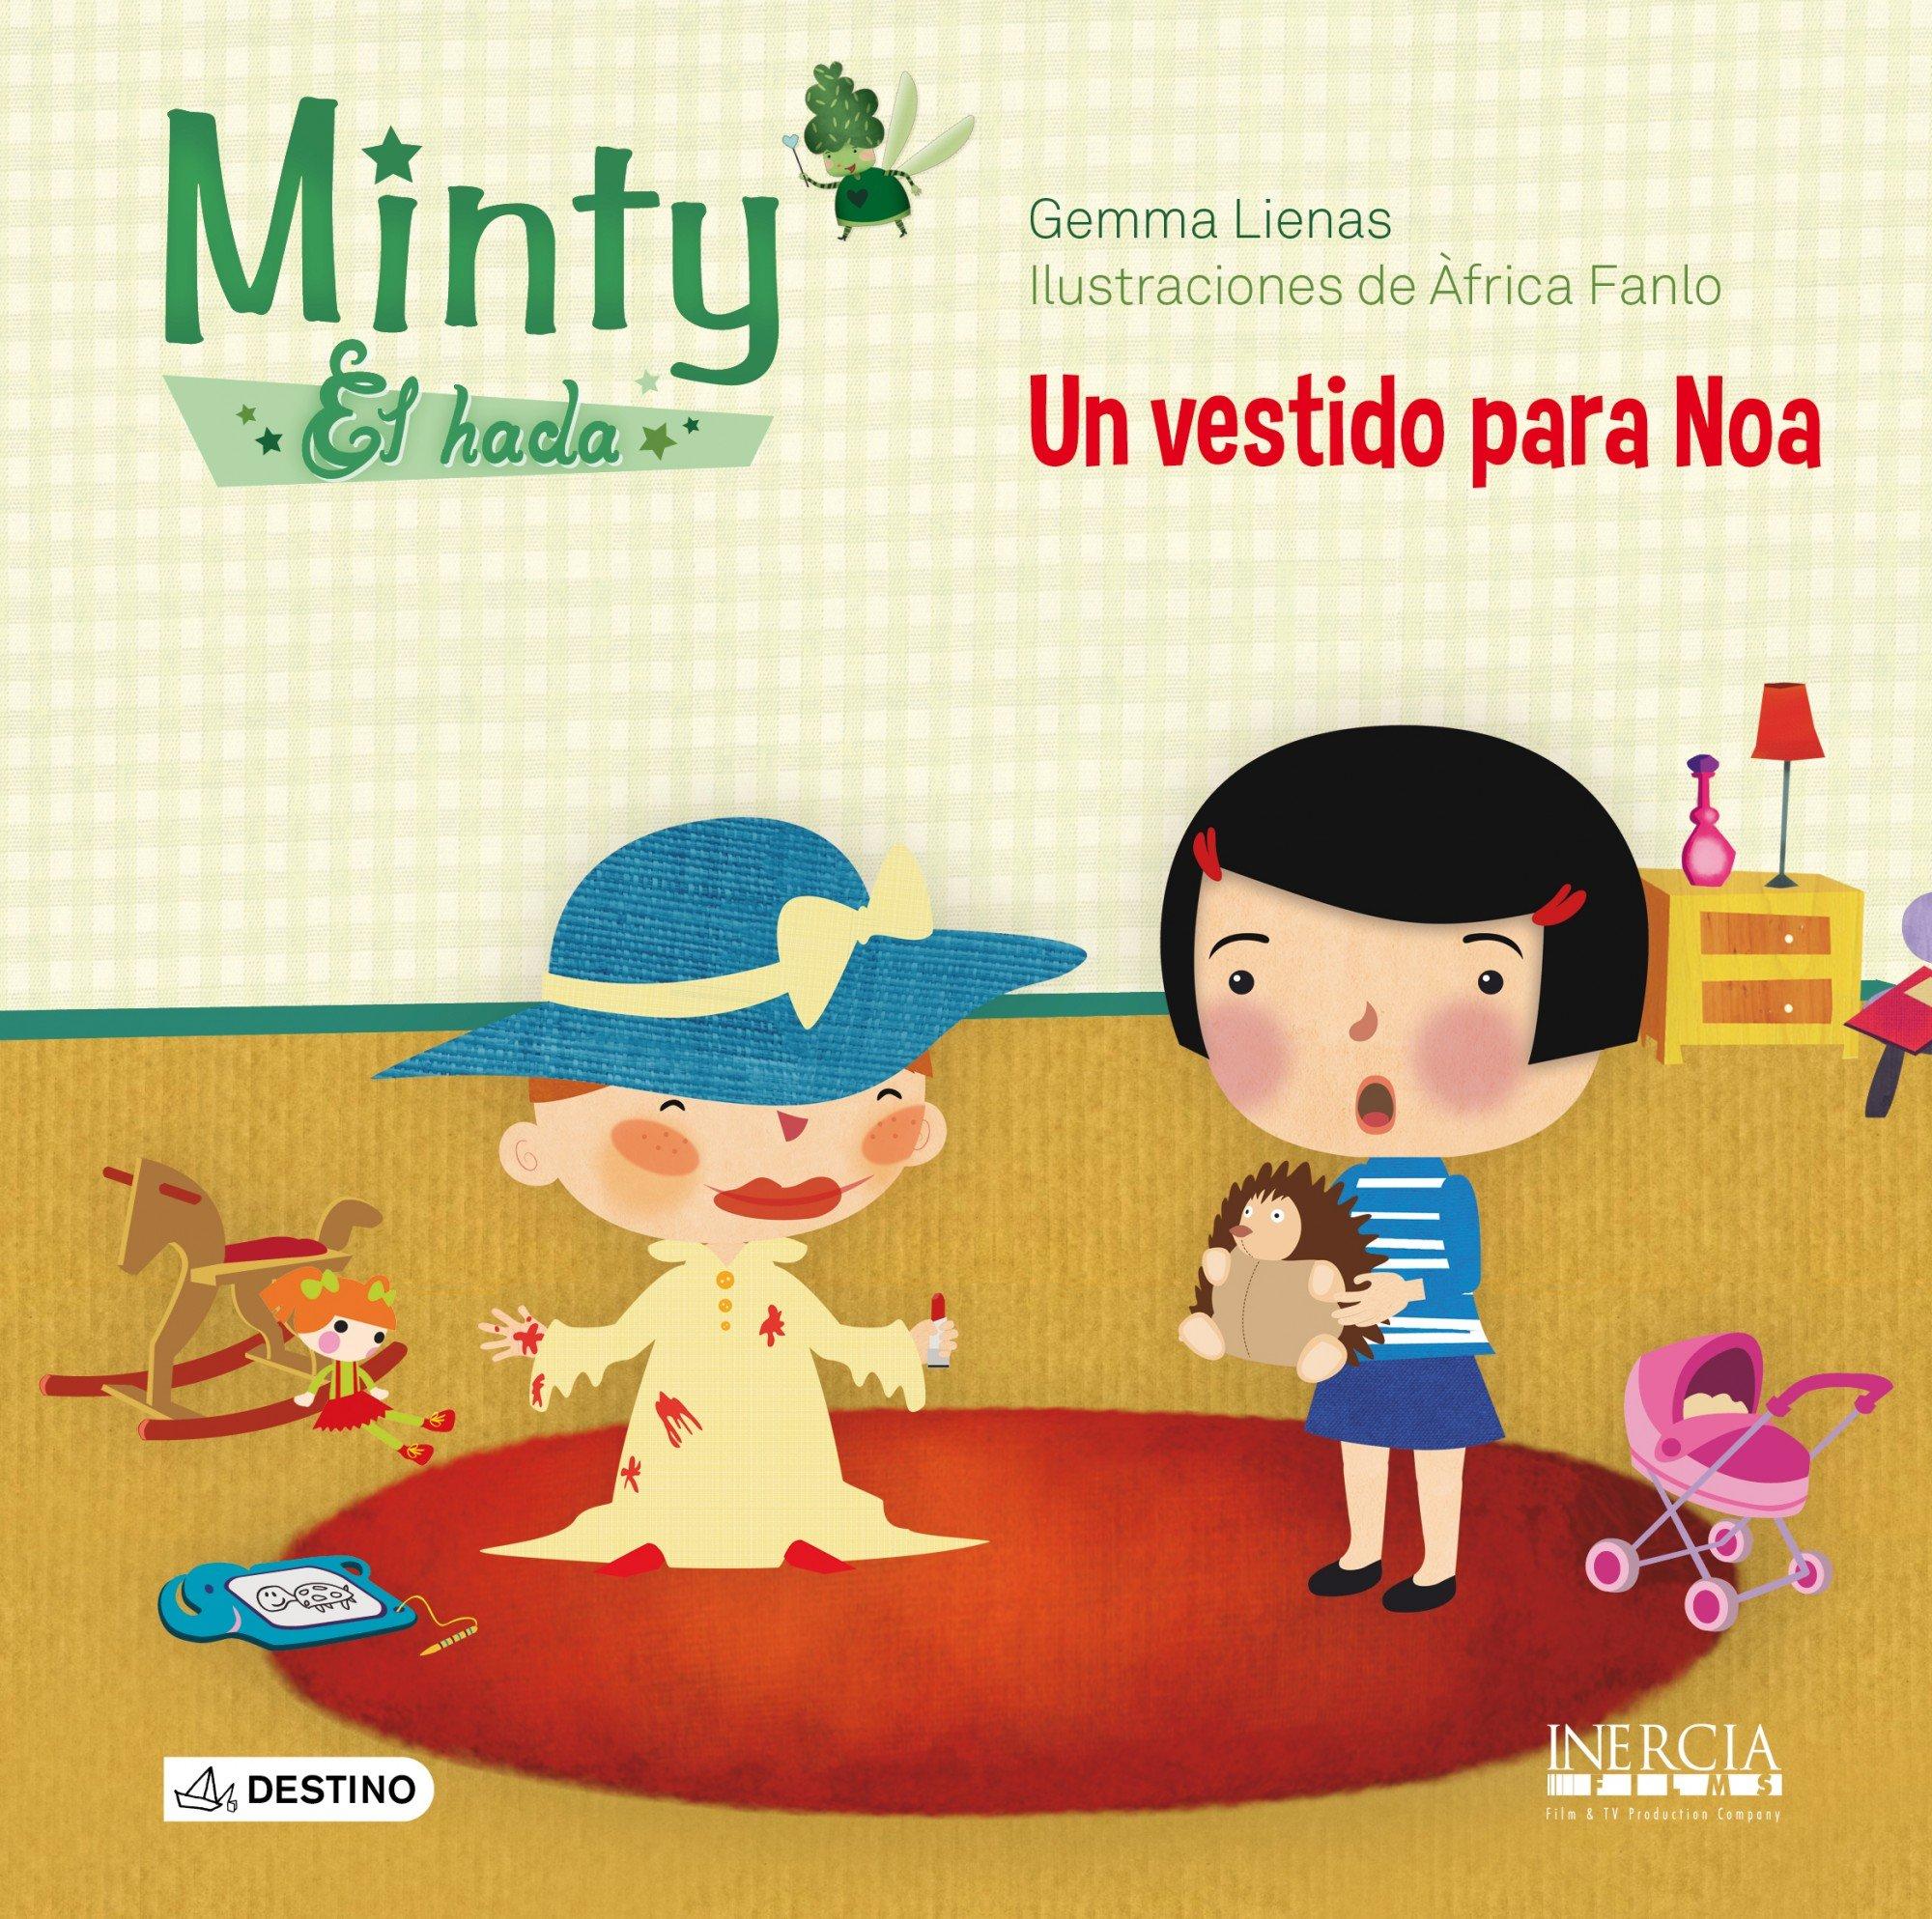 Download Minty, el hada. Un vestido para Noa (Spanish Edition) ebook